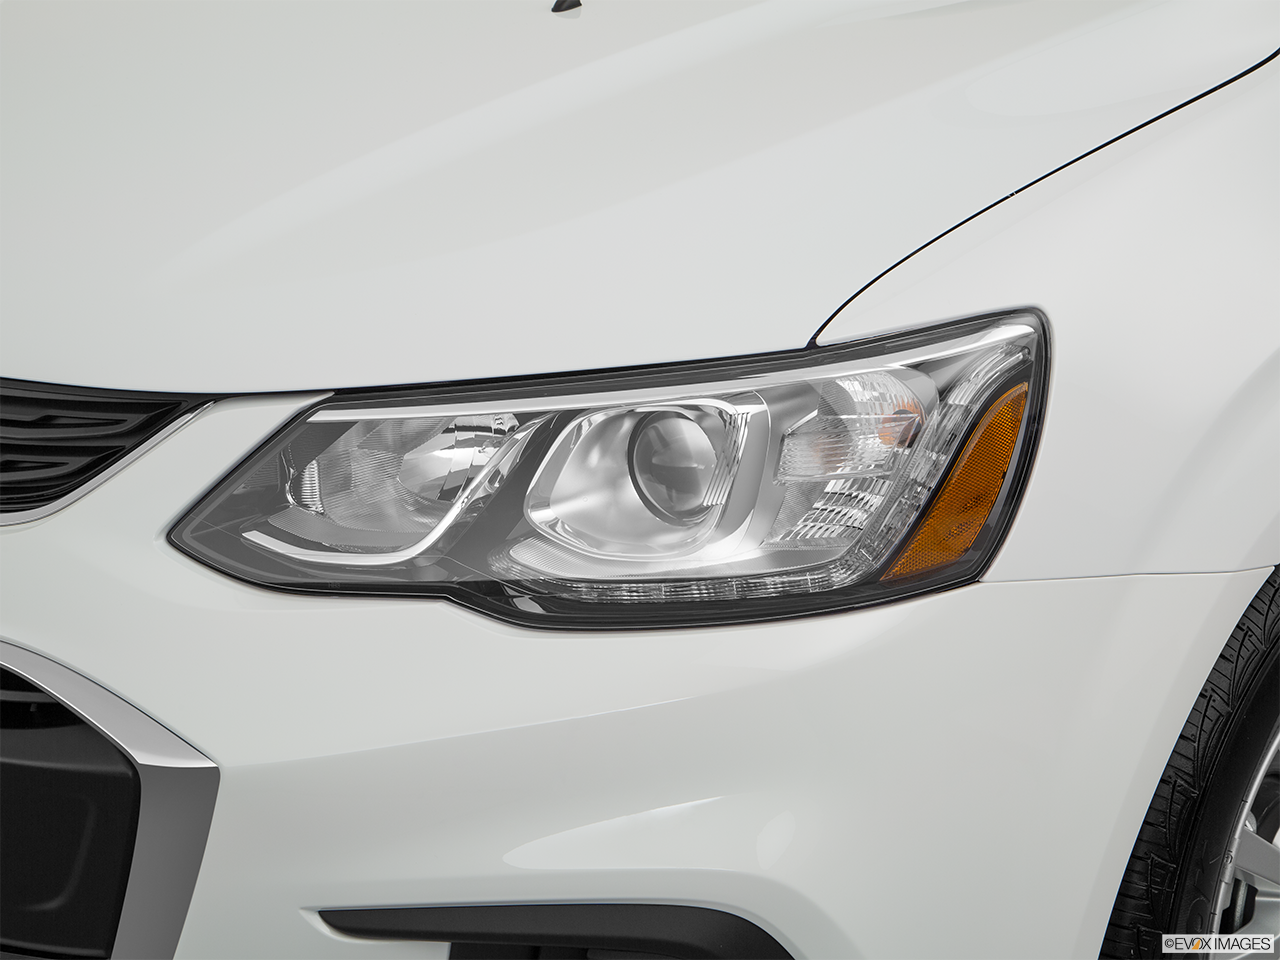 2020 Chevrolet Sonic photo